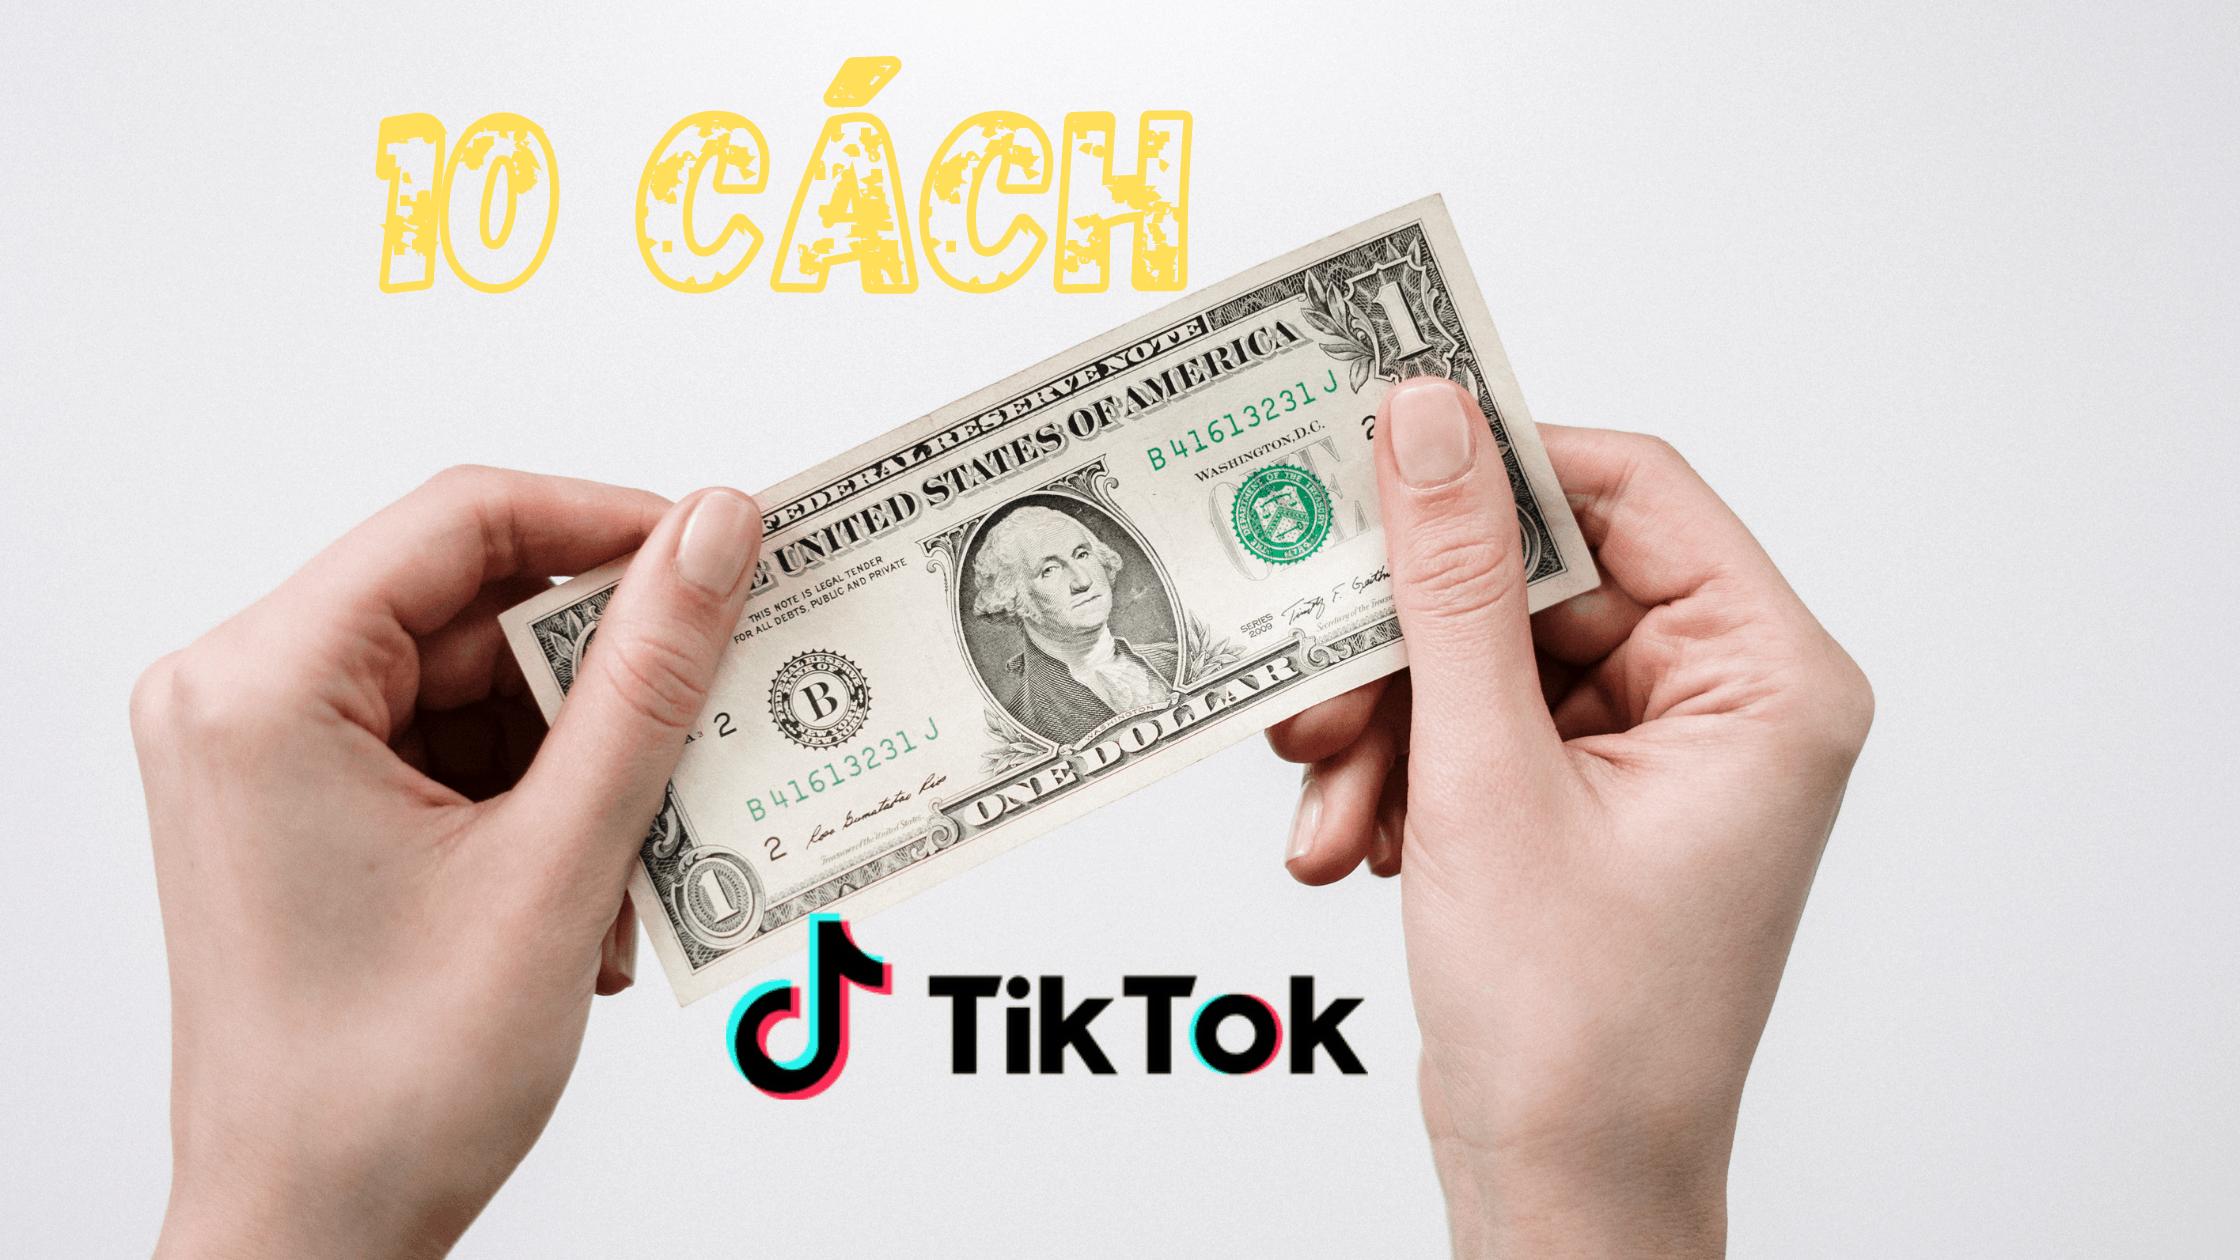 10 cách kiếm tiền từ TikTok hiệu quả